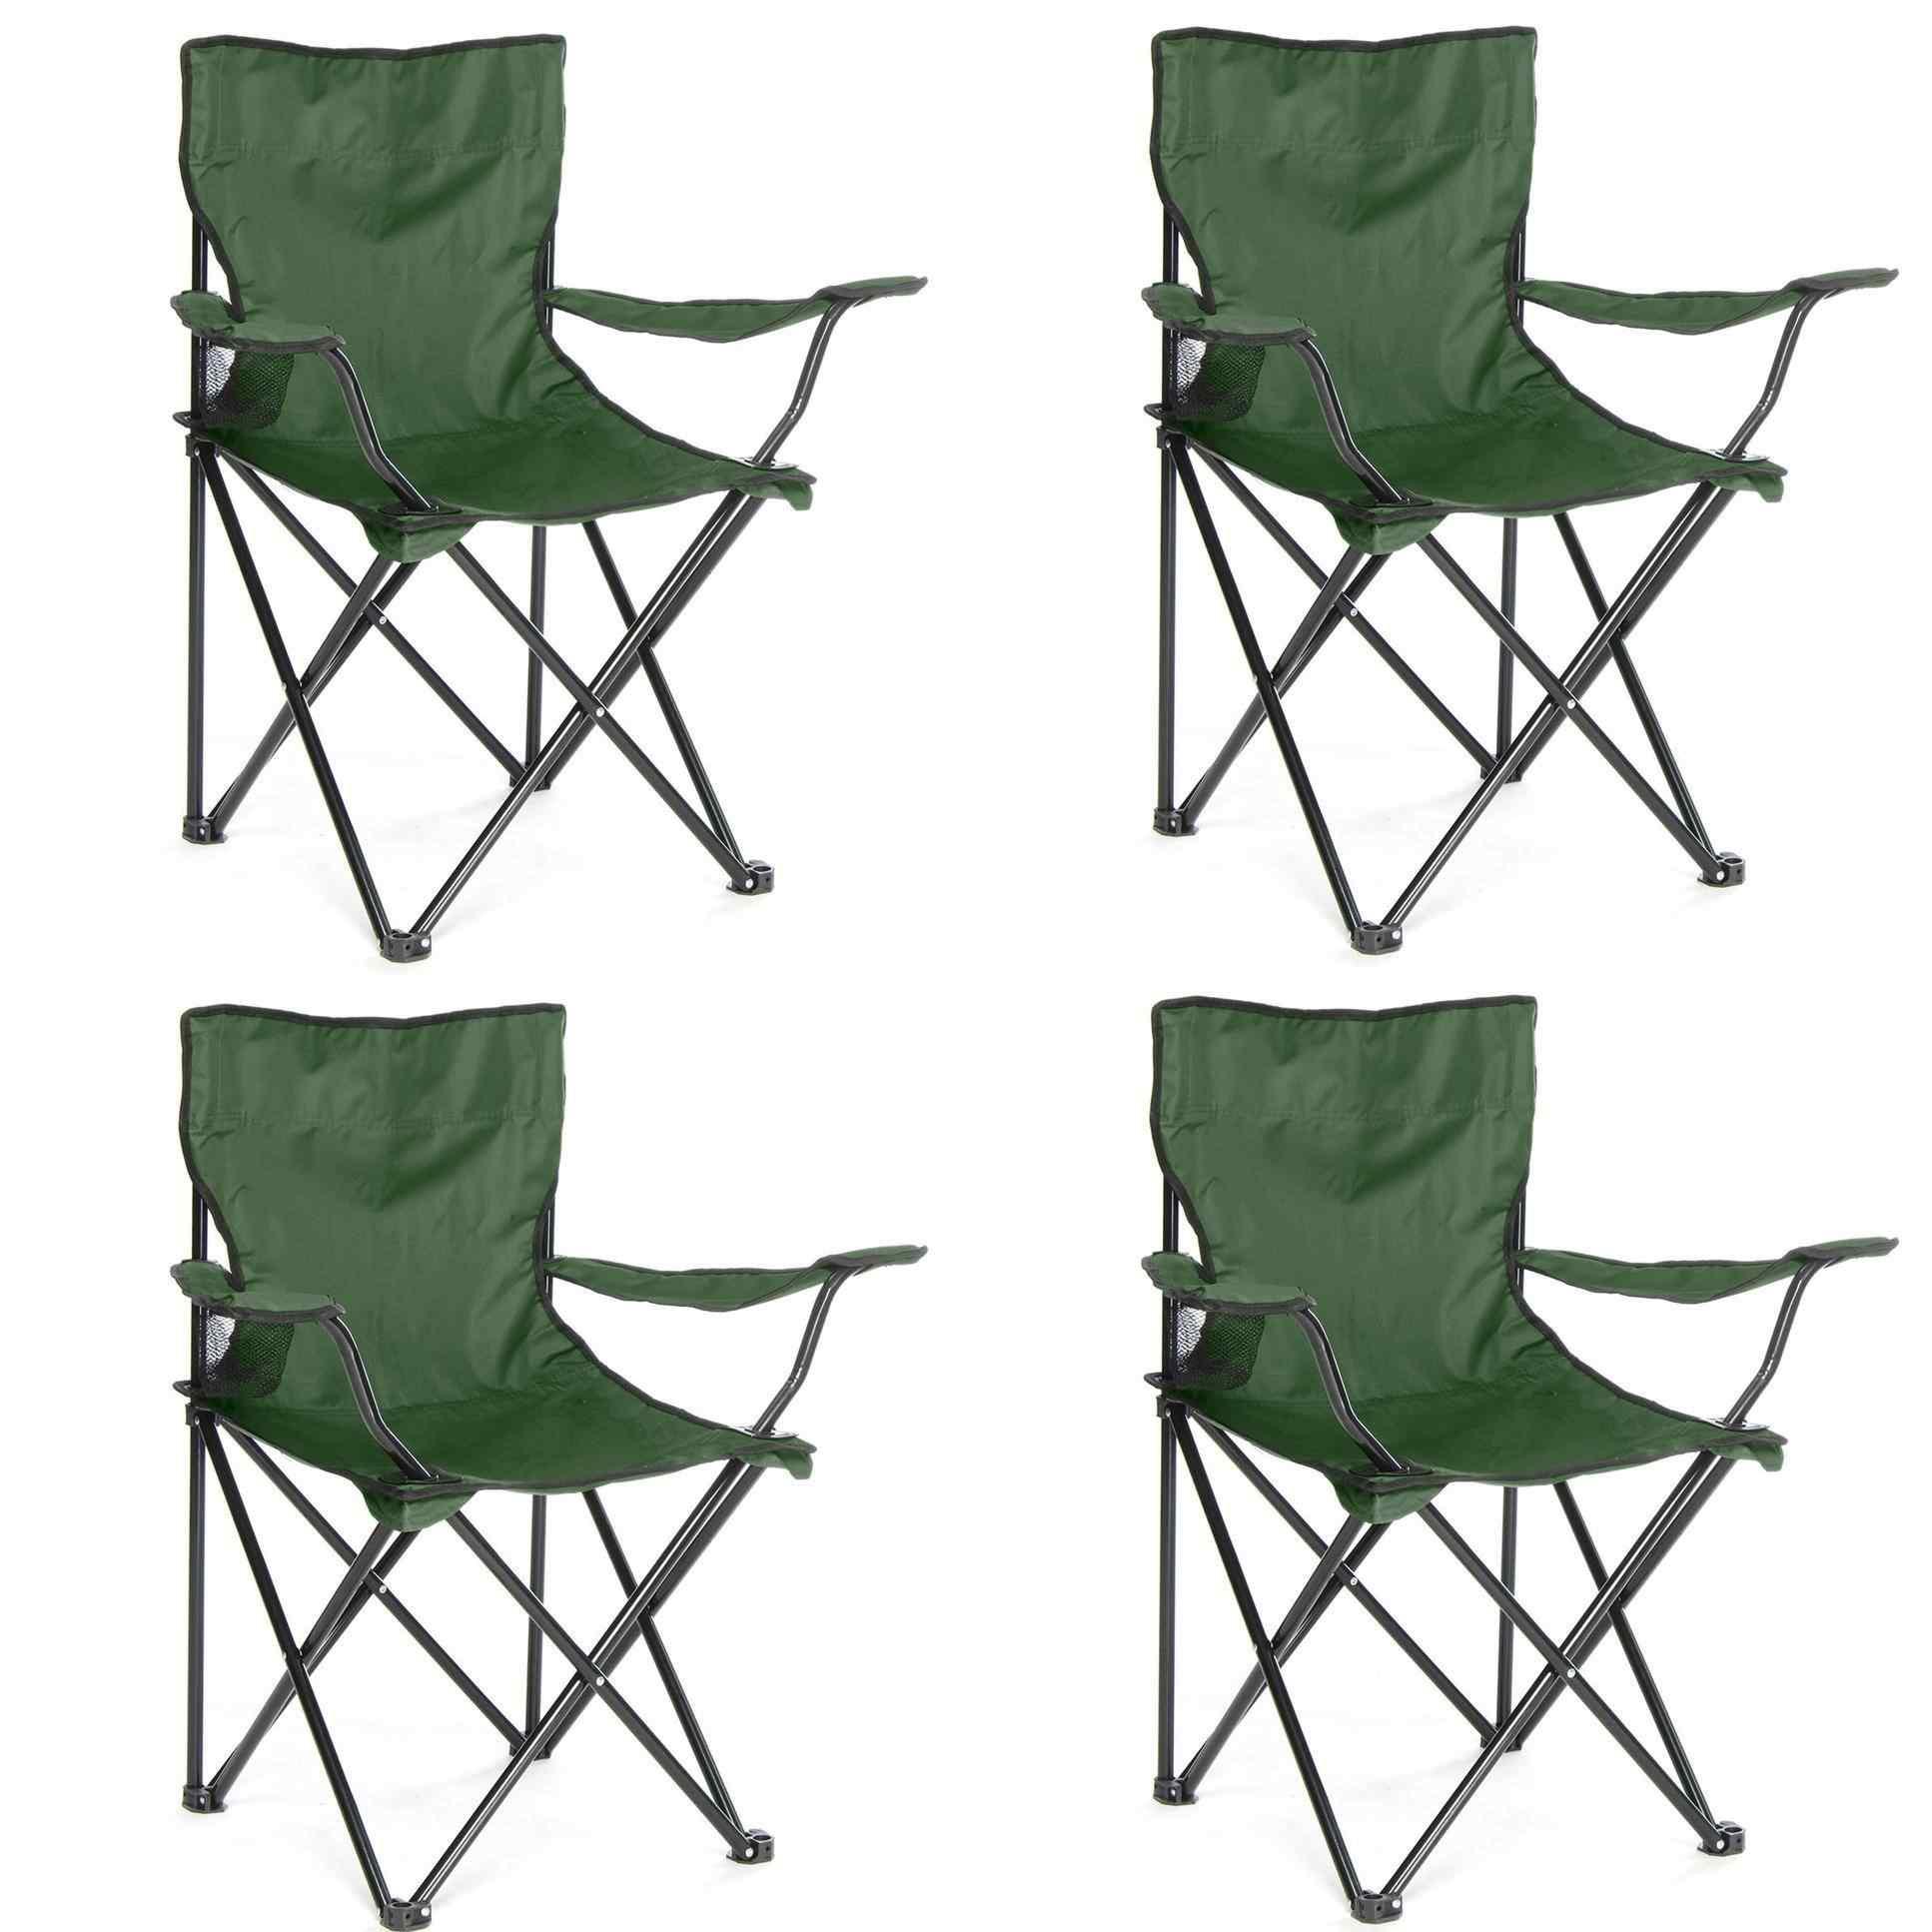 Çantalı Kamp Sandalyesi Balıkçı Plaj Piknik Koltuk Yeşil 4 Adet